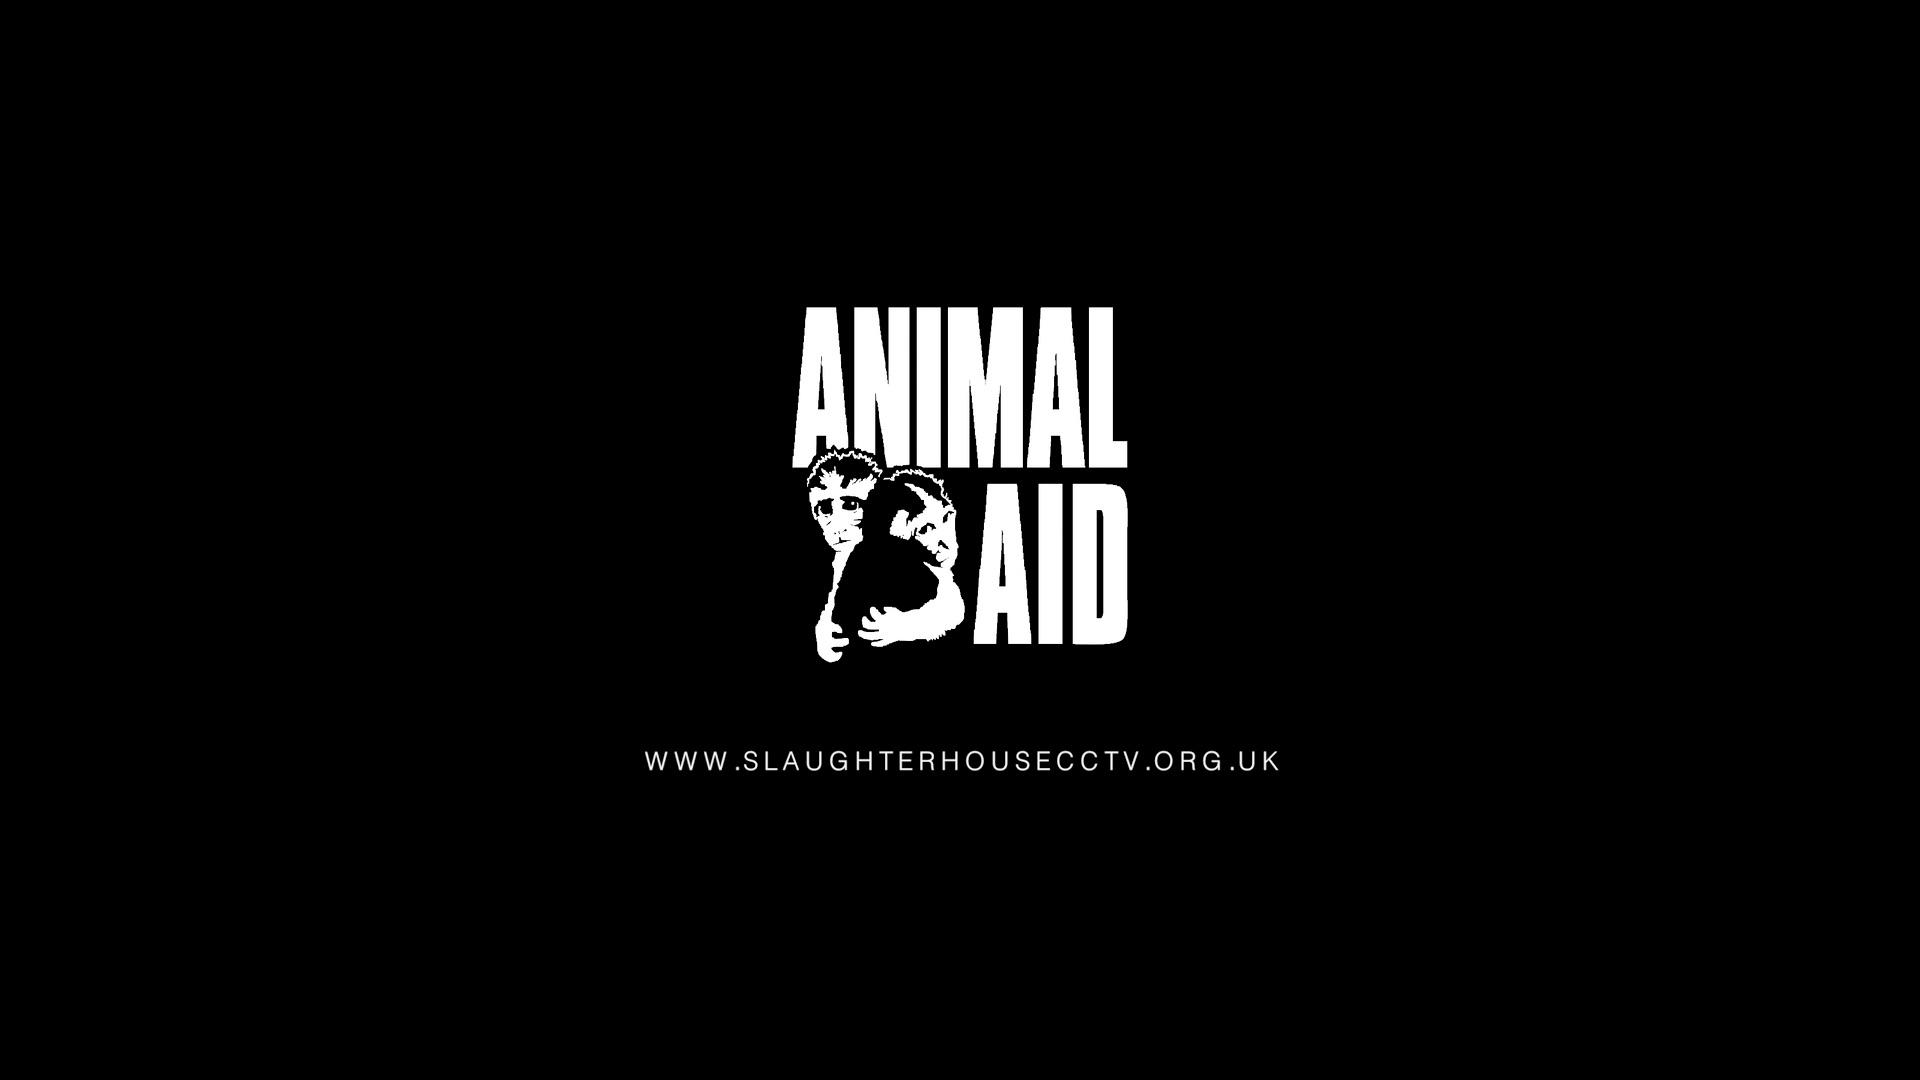 ANIMAL_AID_CCTV